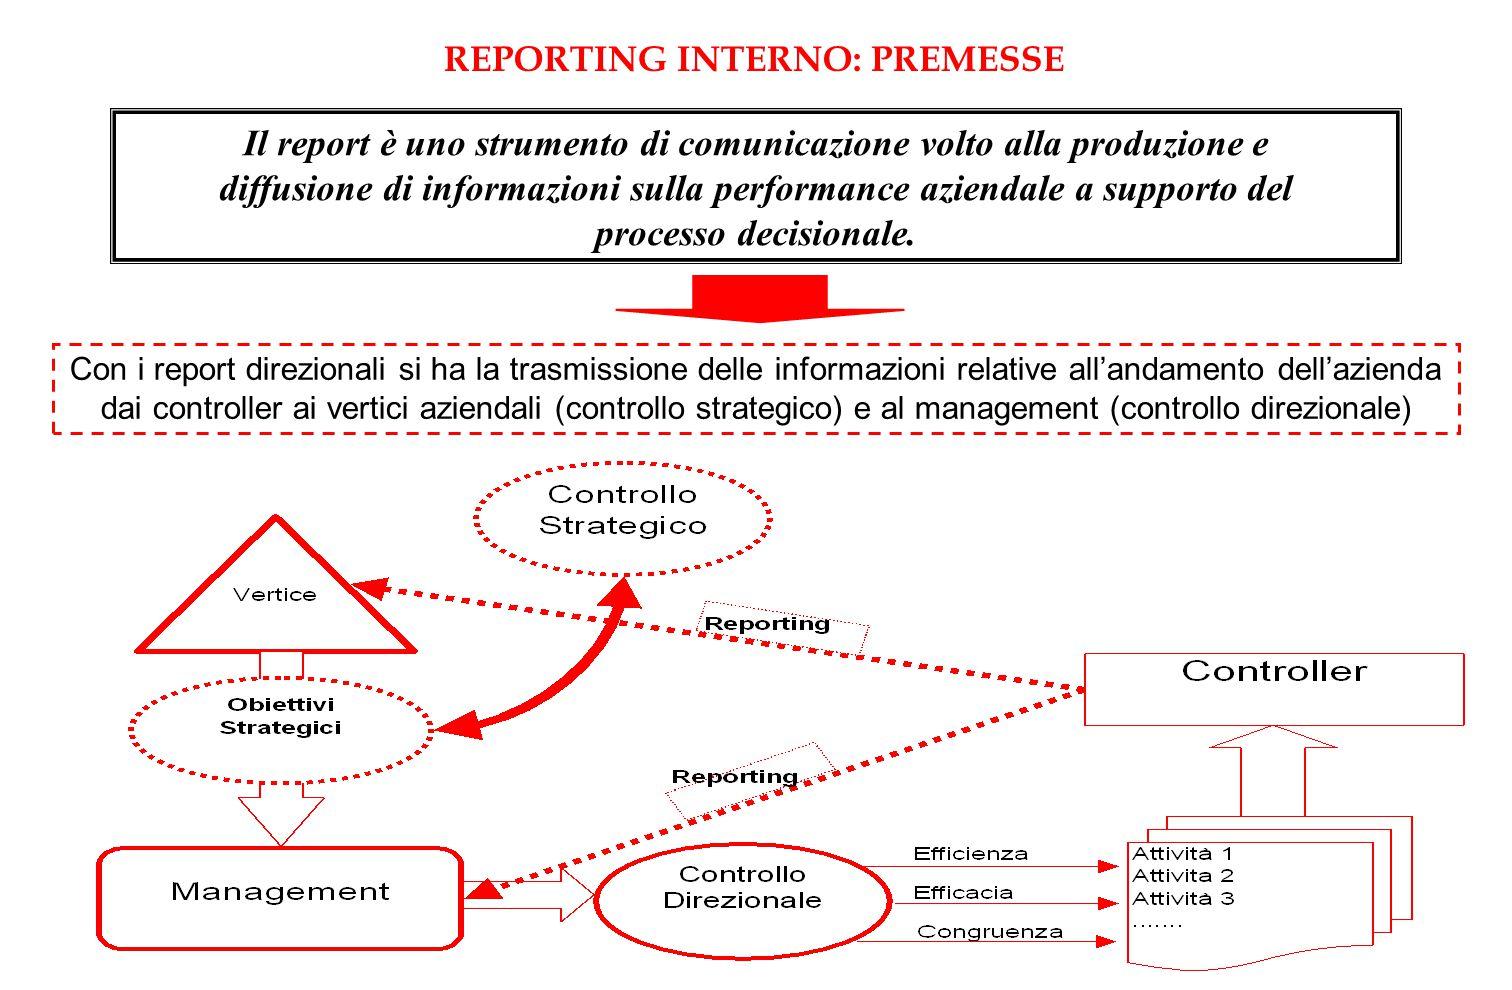 Il report è uno strumento di comunicazione volto alla produzione e diffusione di informazioni sulla performance aziendale a supporto del processo decisionale.